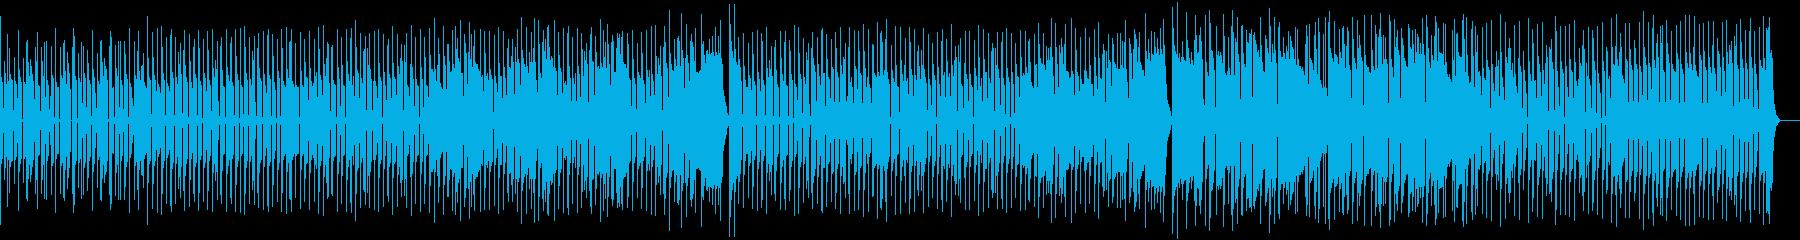 クラシックロックの真正性を捉えた明...の再生済みの波形